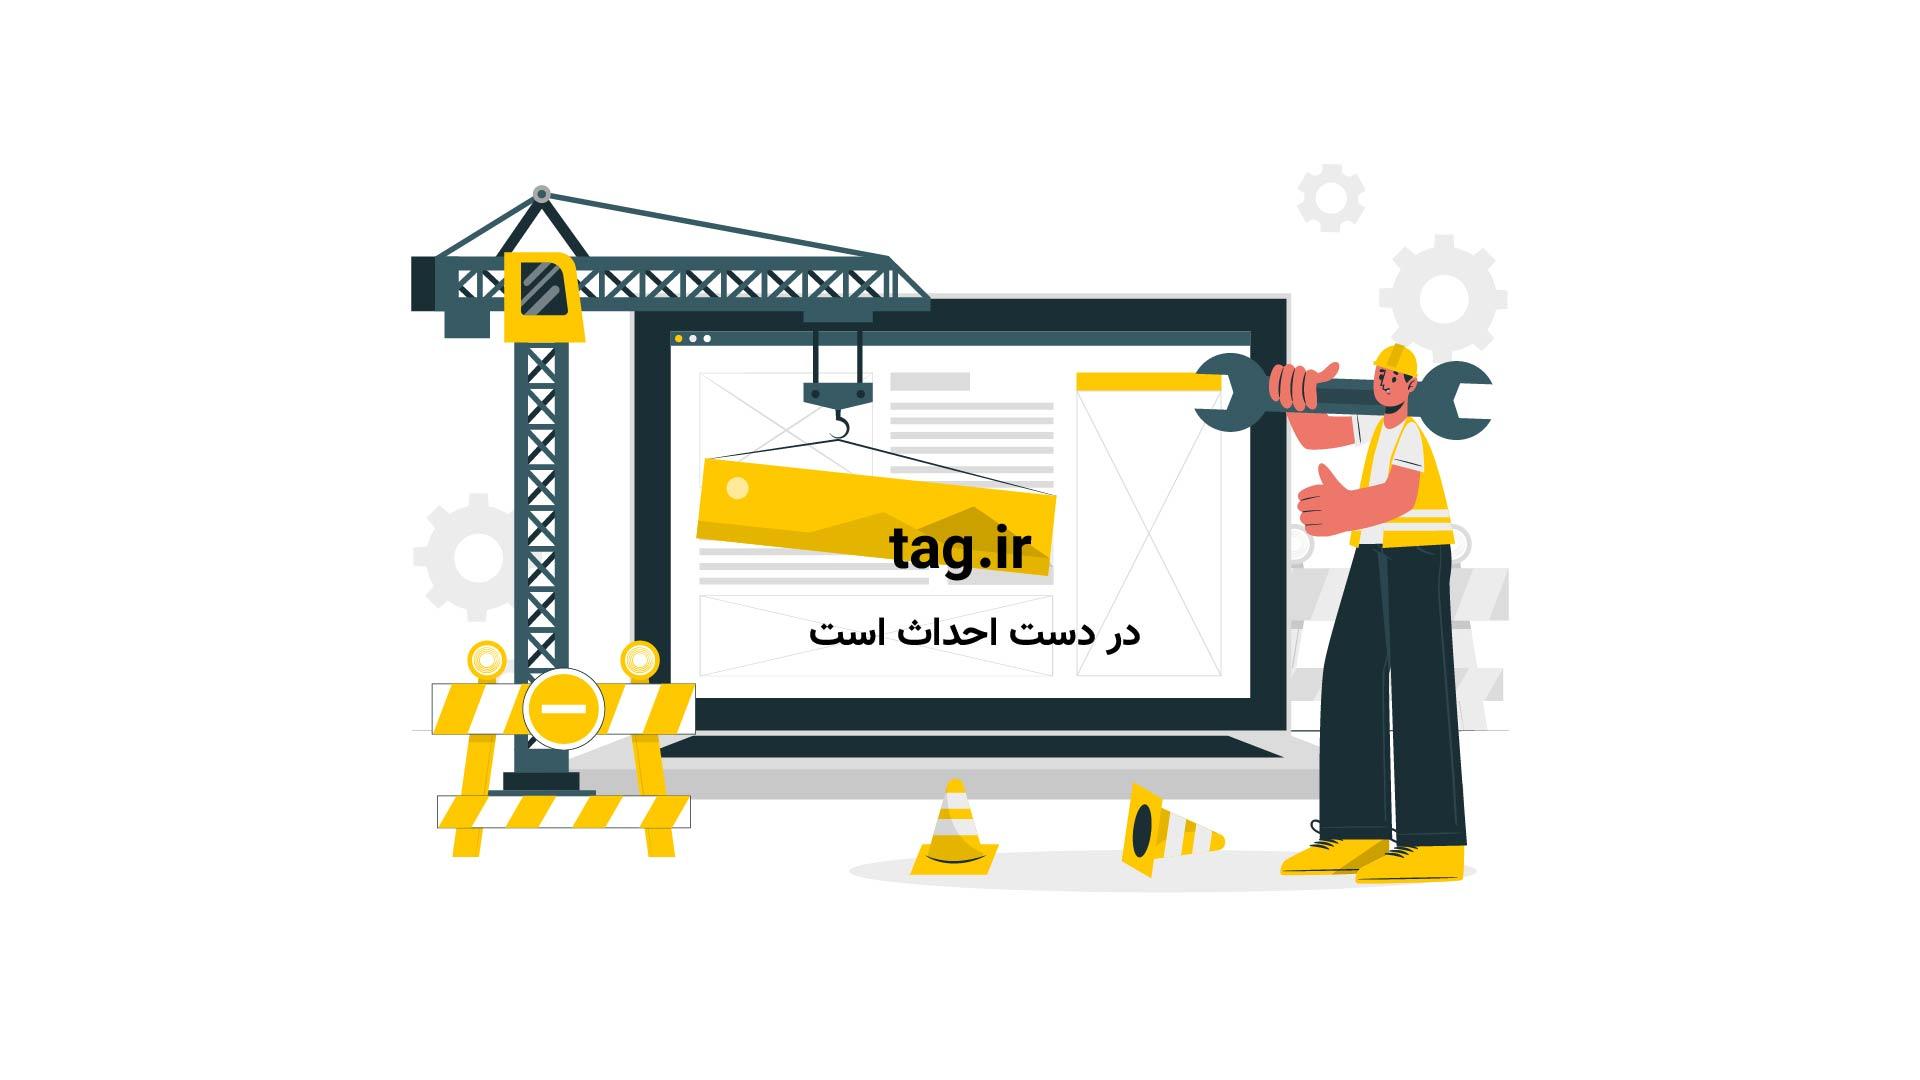 لحظات پایانی بارک اوباما در کاخ سفید | فیلم